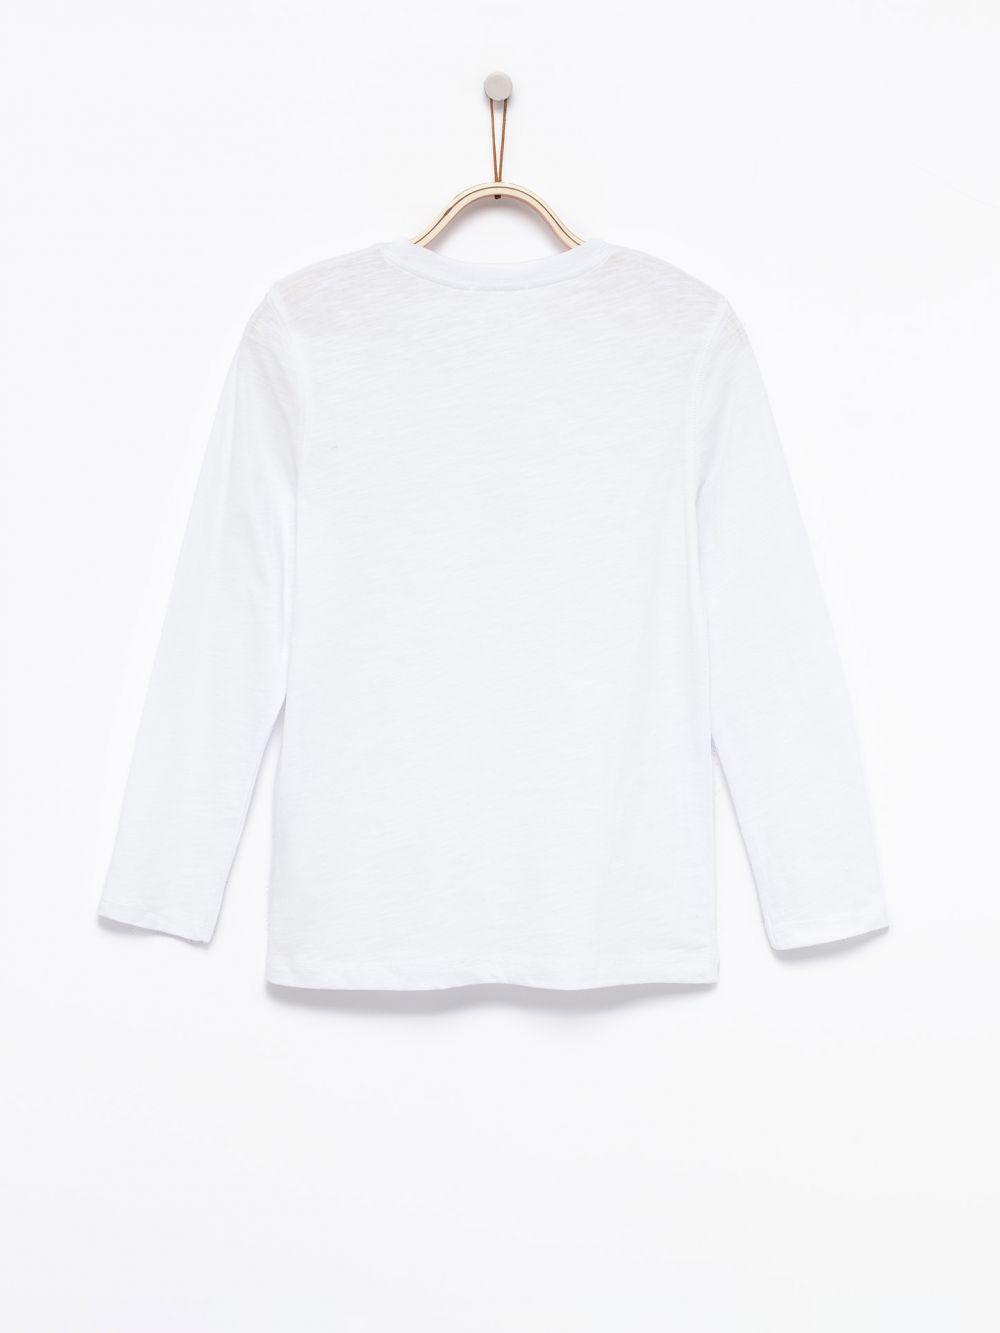 חולצת טי סלאב שרוולים ארוכים